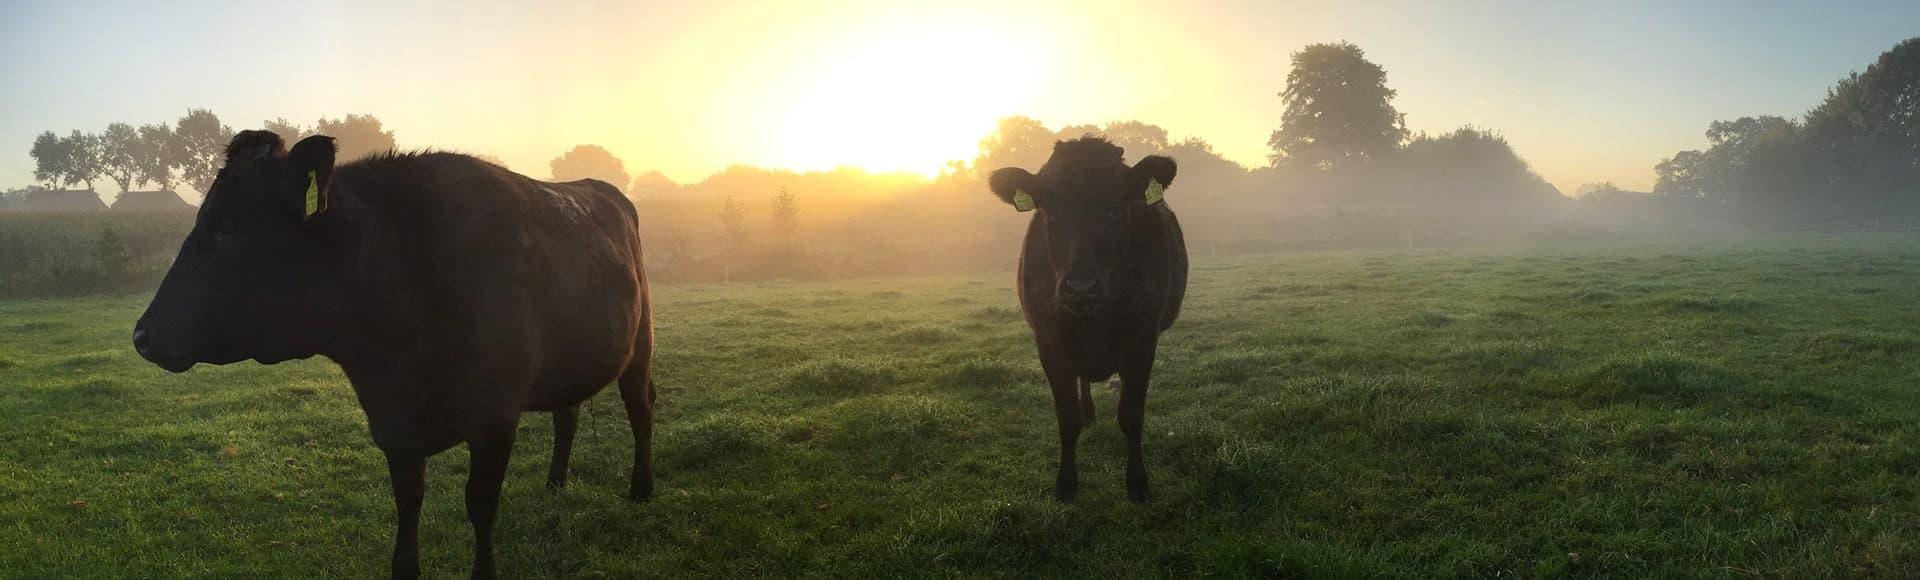 300 Jahre Erfahrung in der Rinderzucht